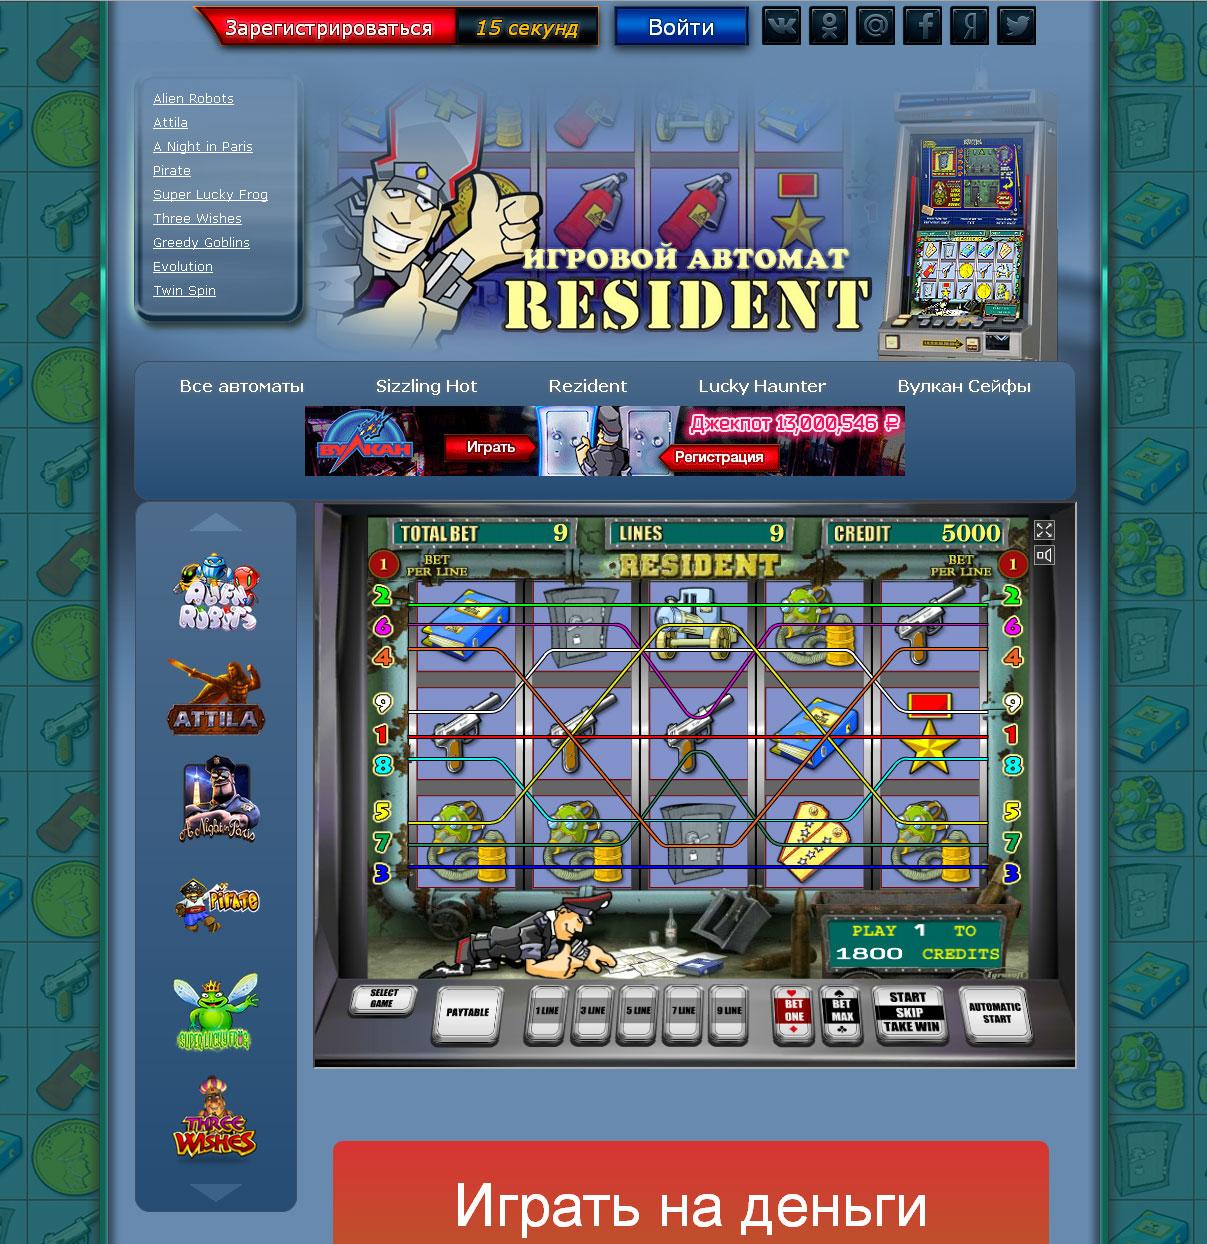 Новые игровые автоматы слоты игровые автоматы играть бесплатнои клубничка